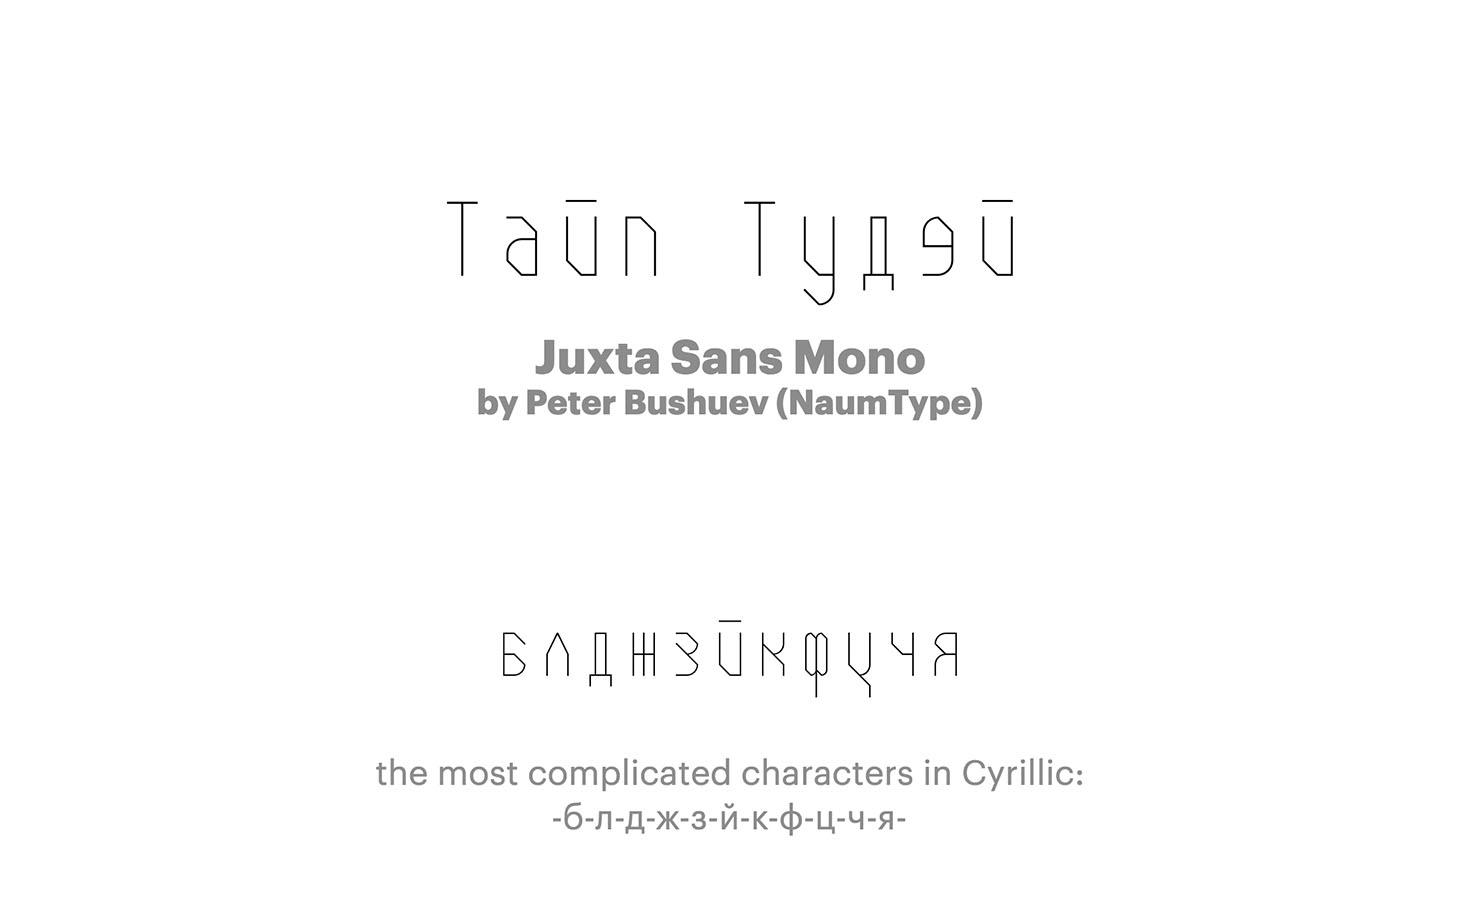 Juxta-Sans-Mono